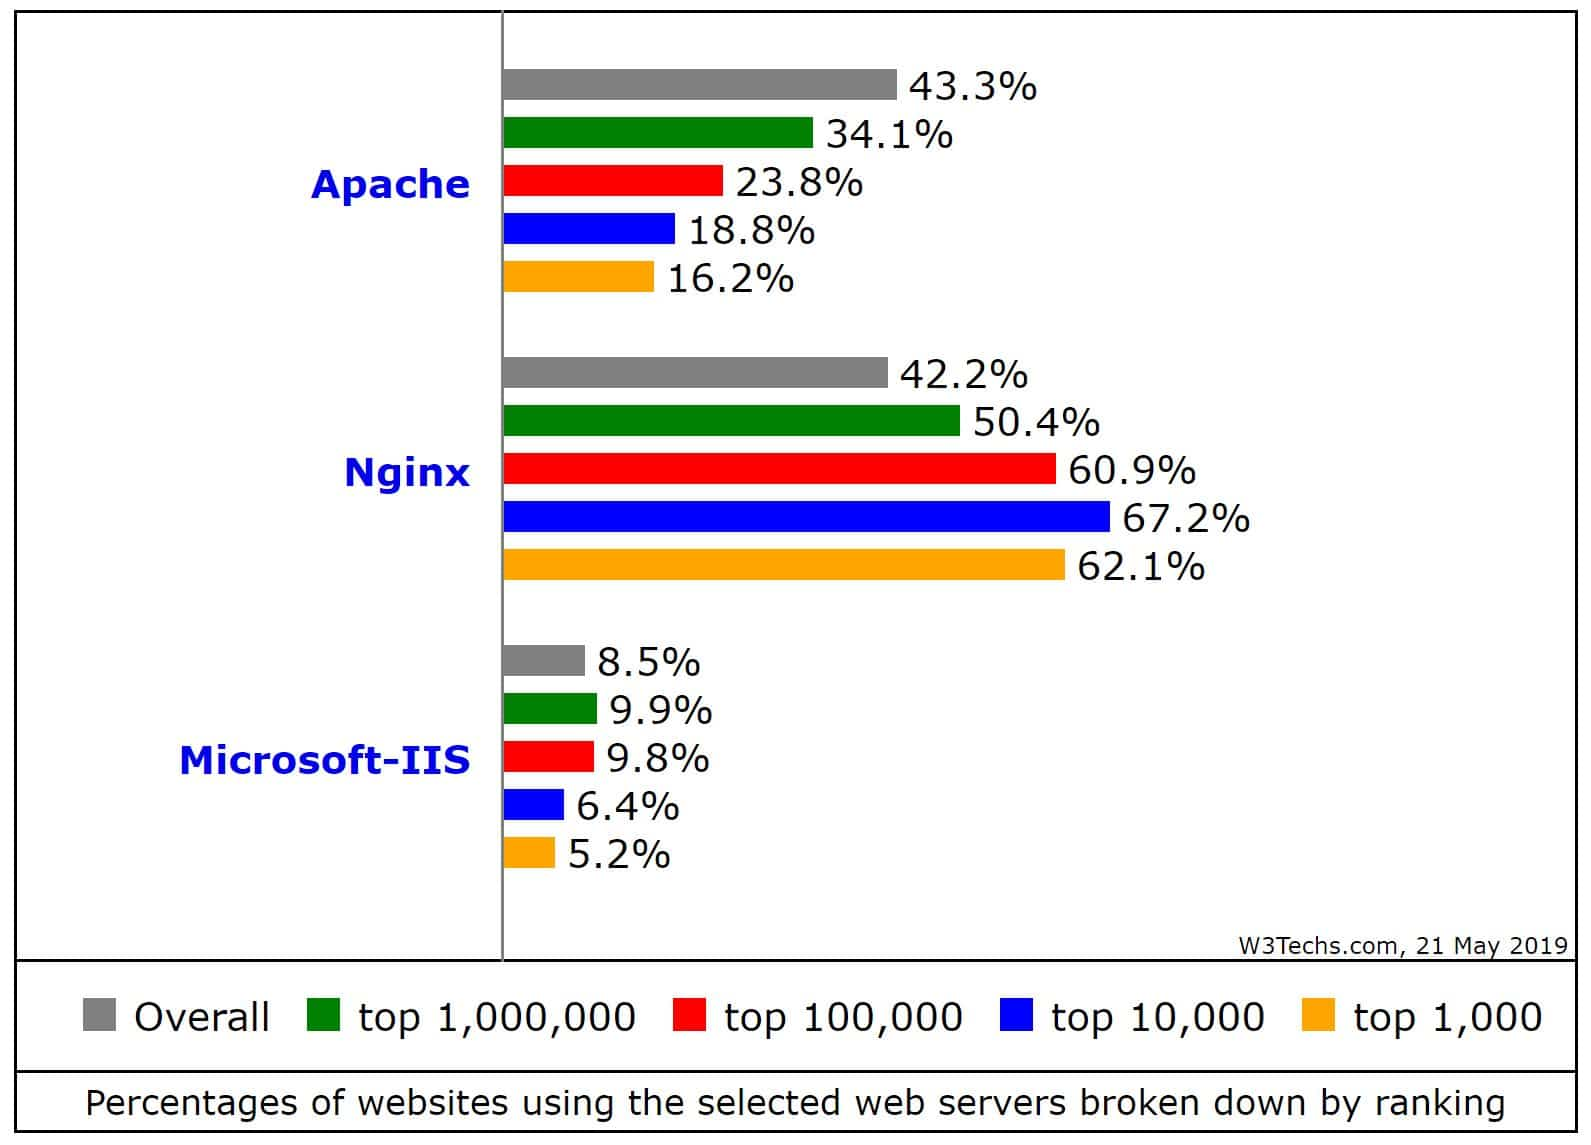 Porcentaje de sitios web usando Nginx